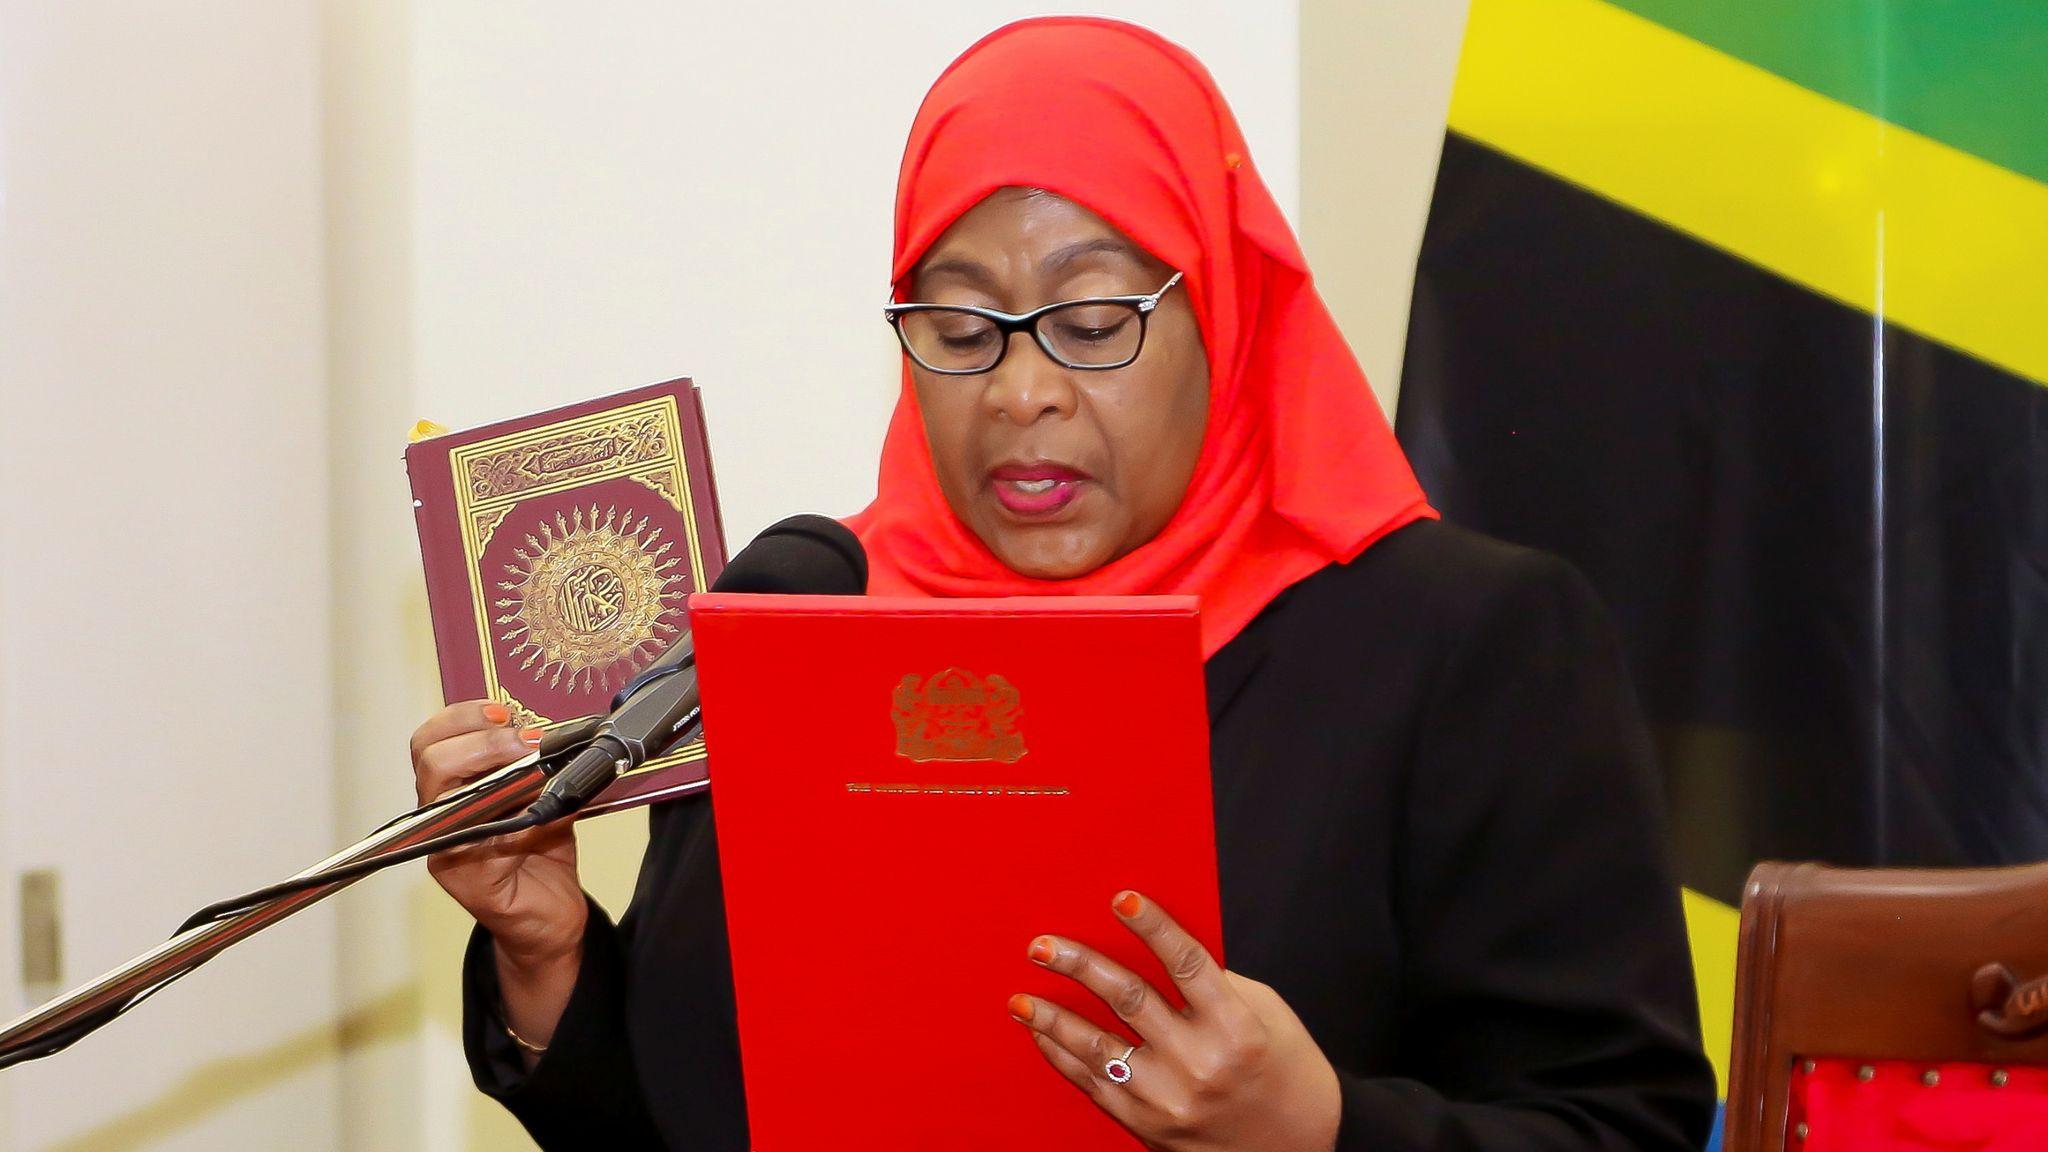 В Танзании - первая женщина-мусульманка стала Президентом